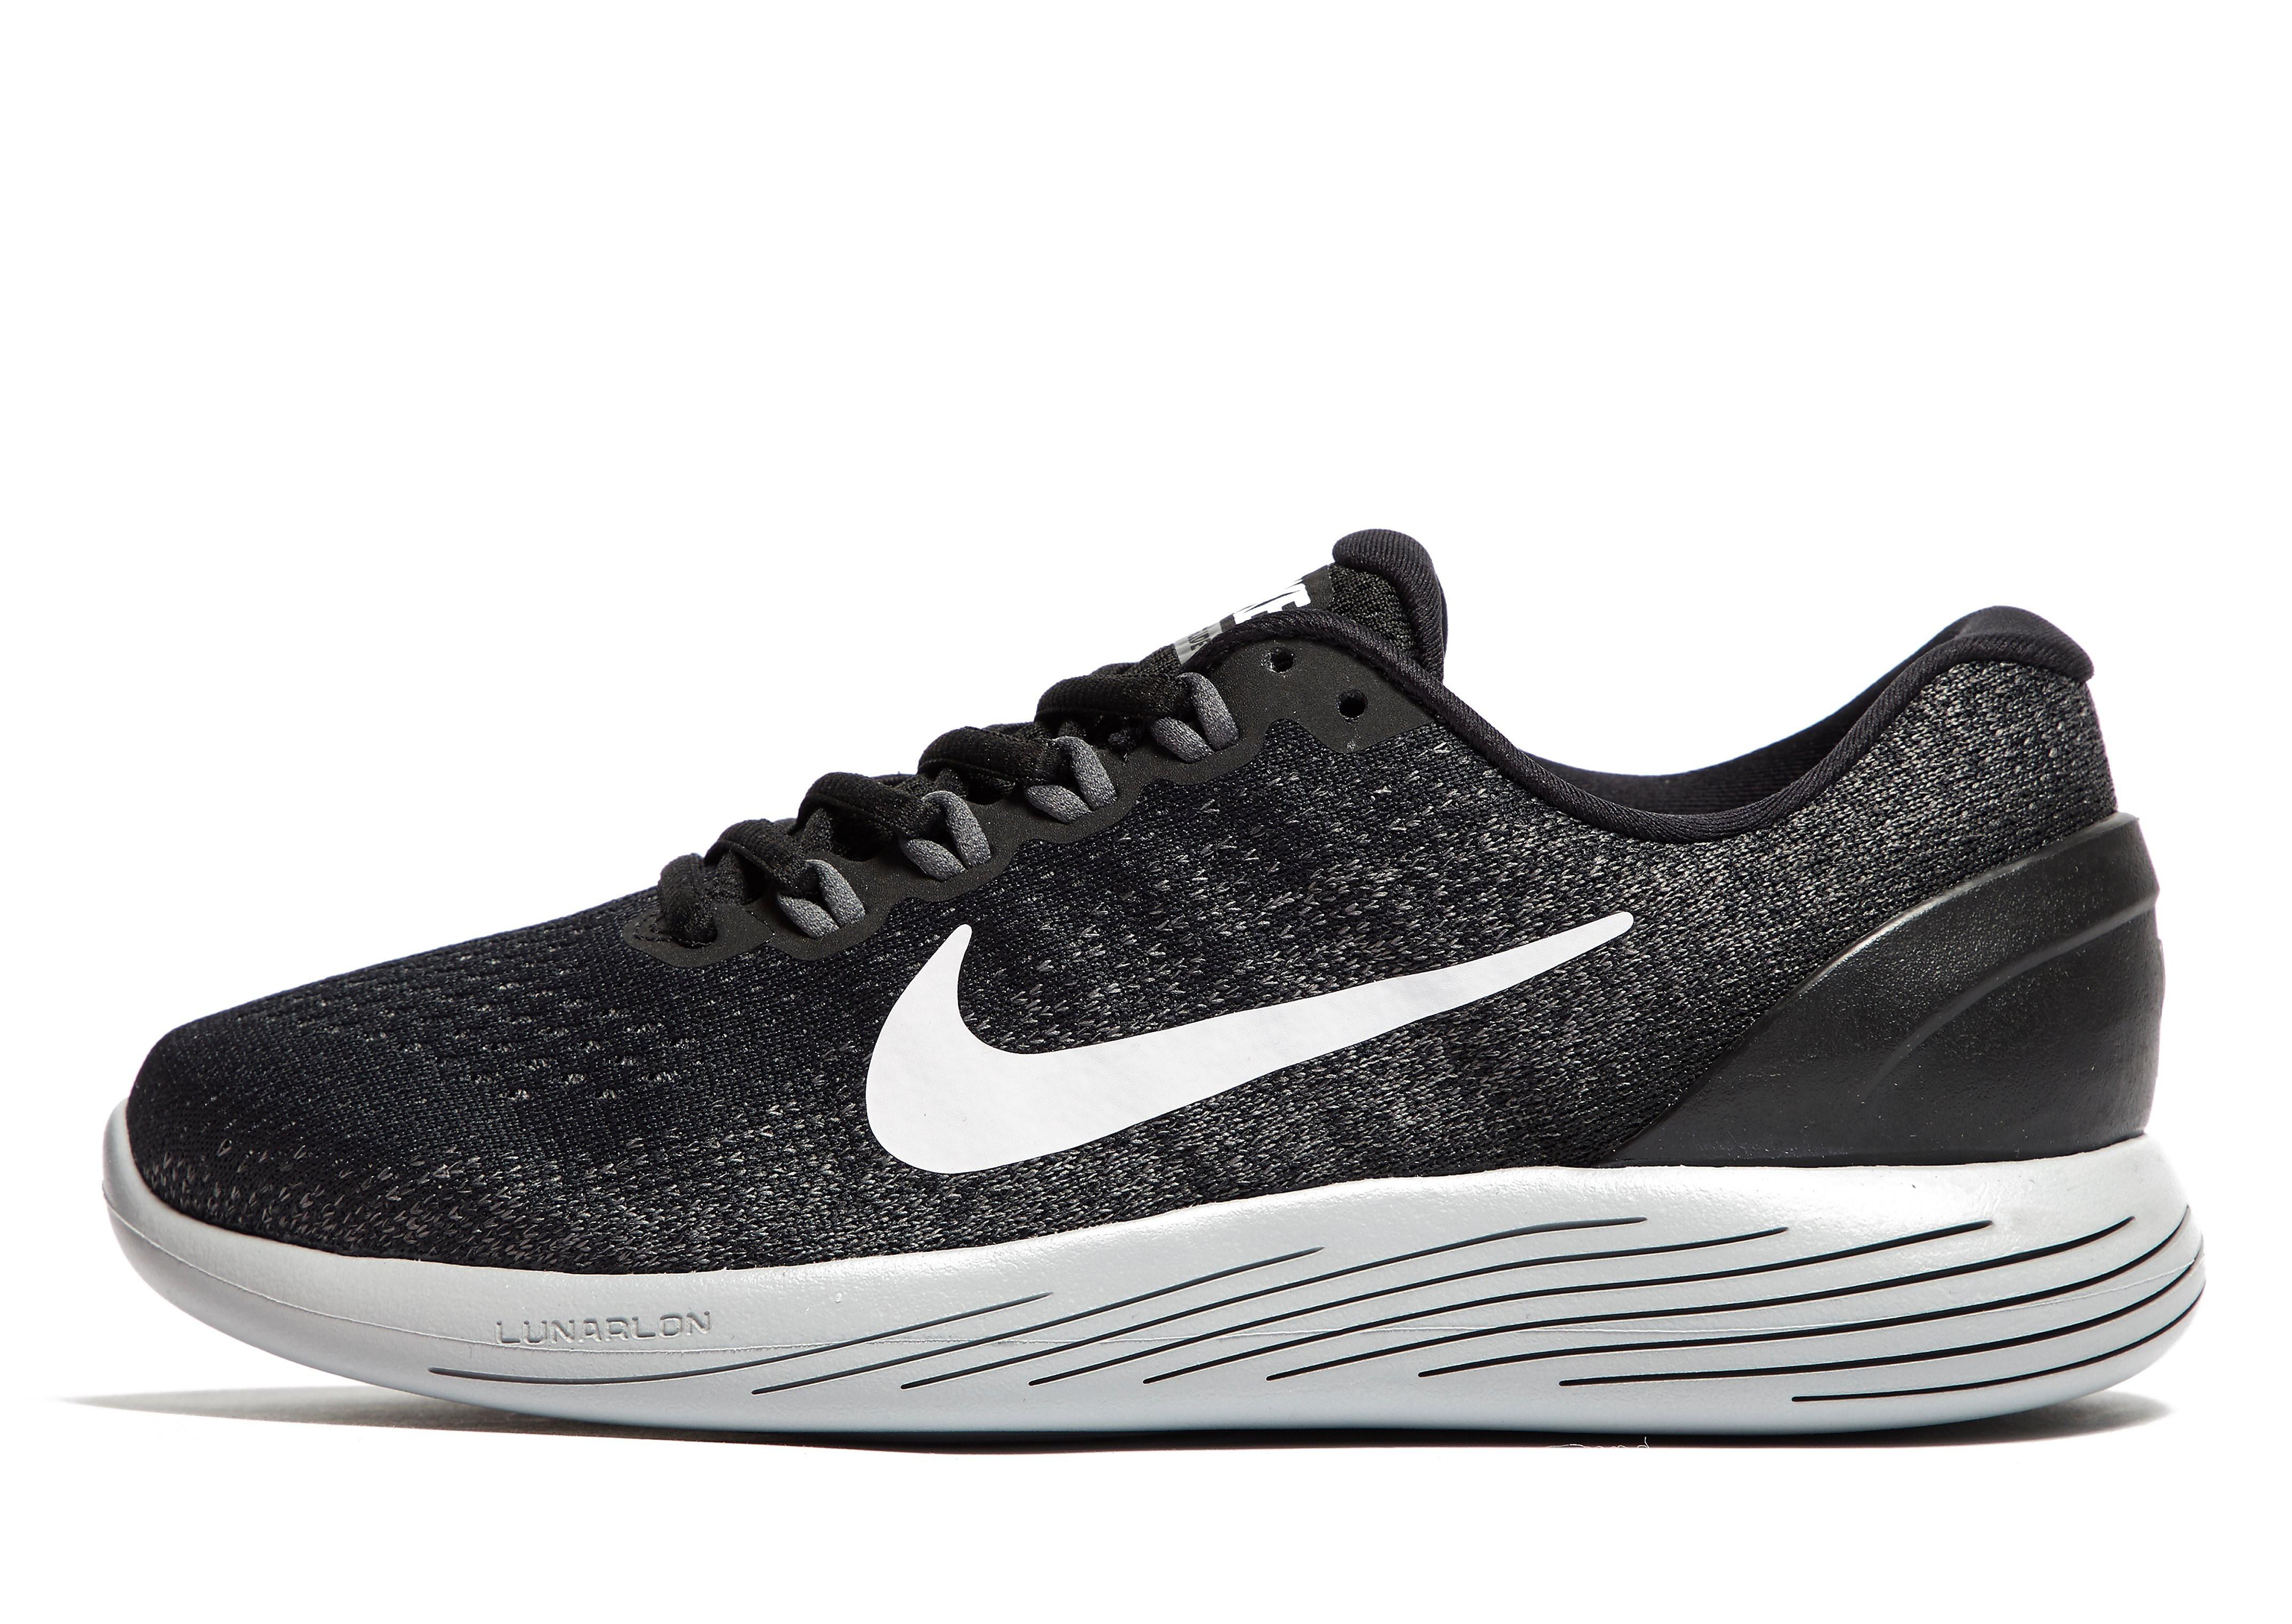 Nike Lunarglide 9 Women's